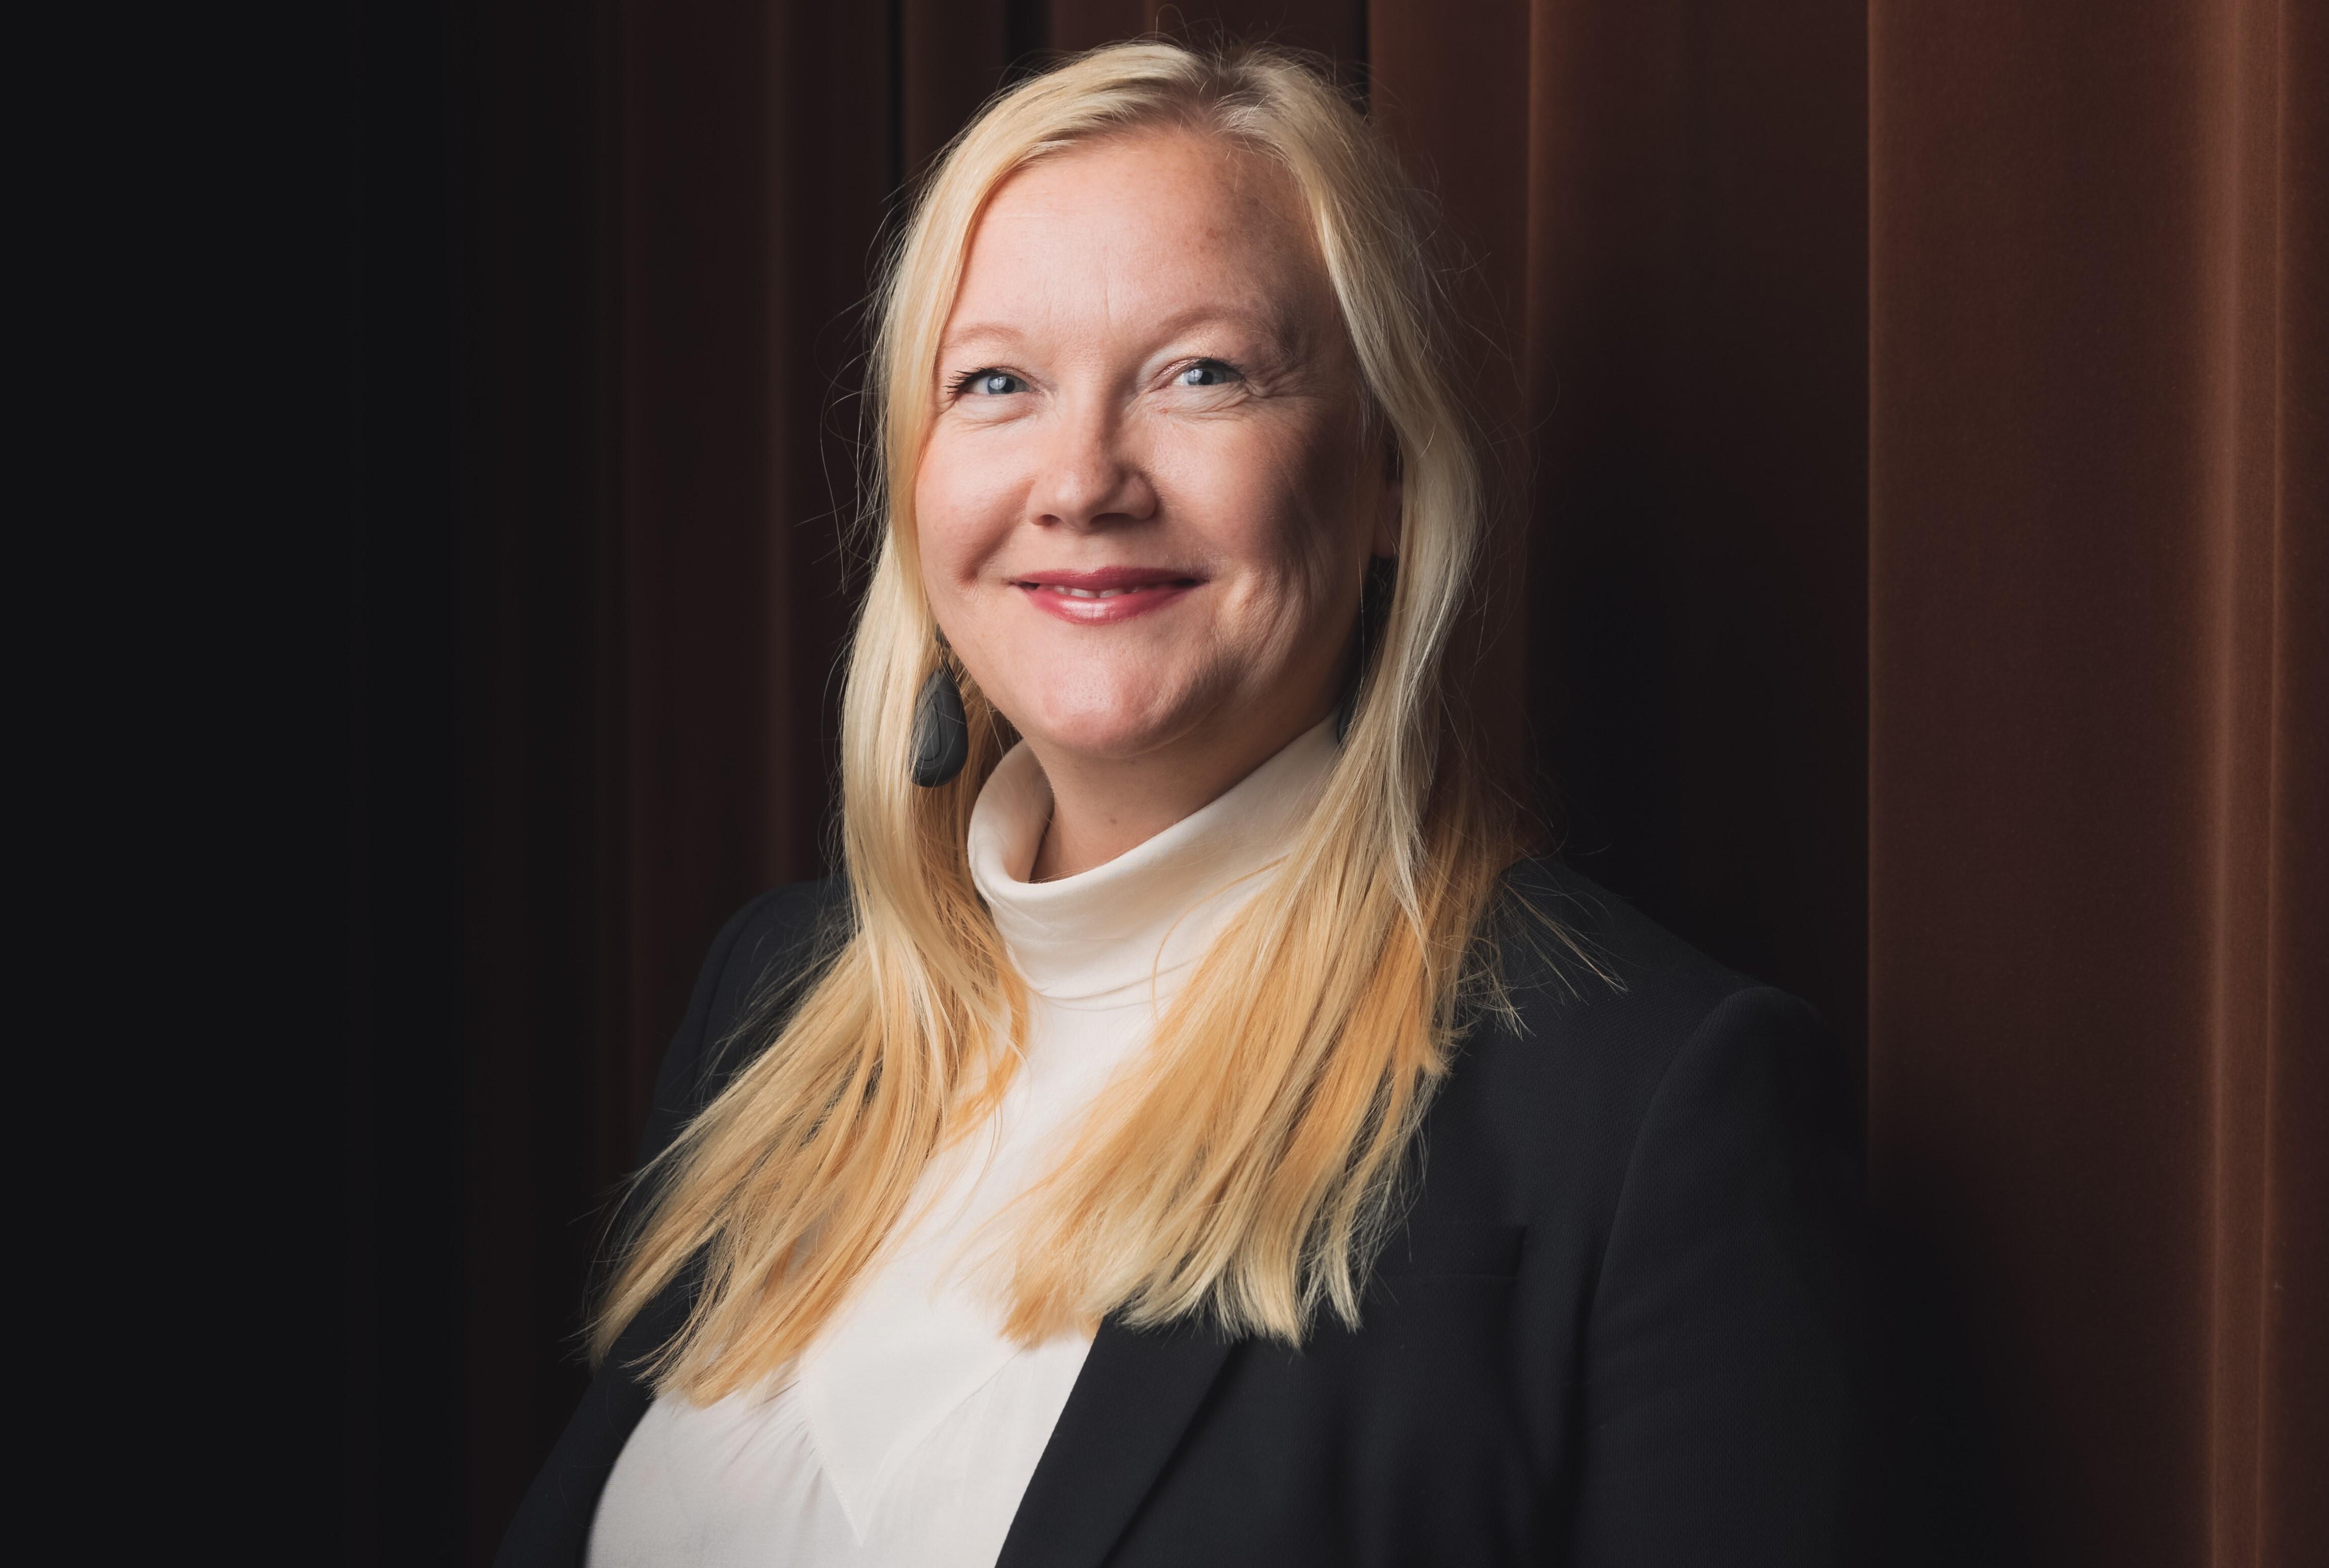 Lisa Hoen